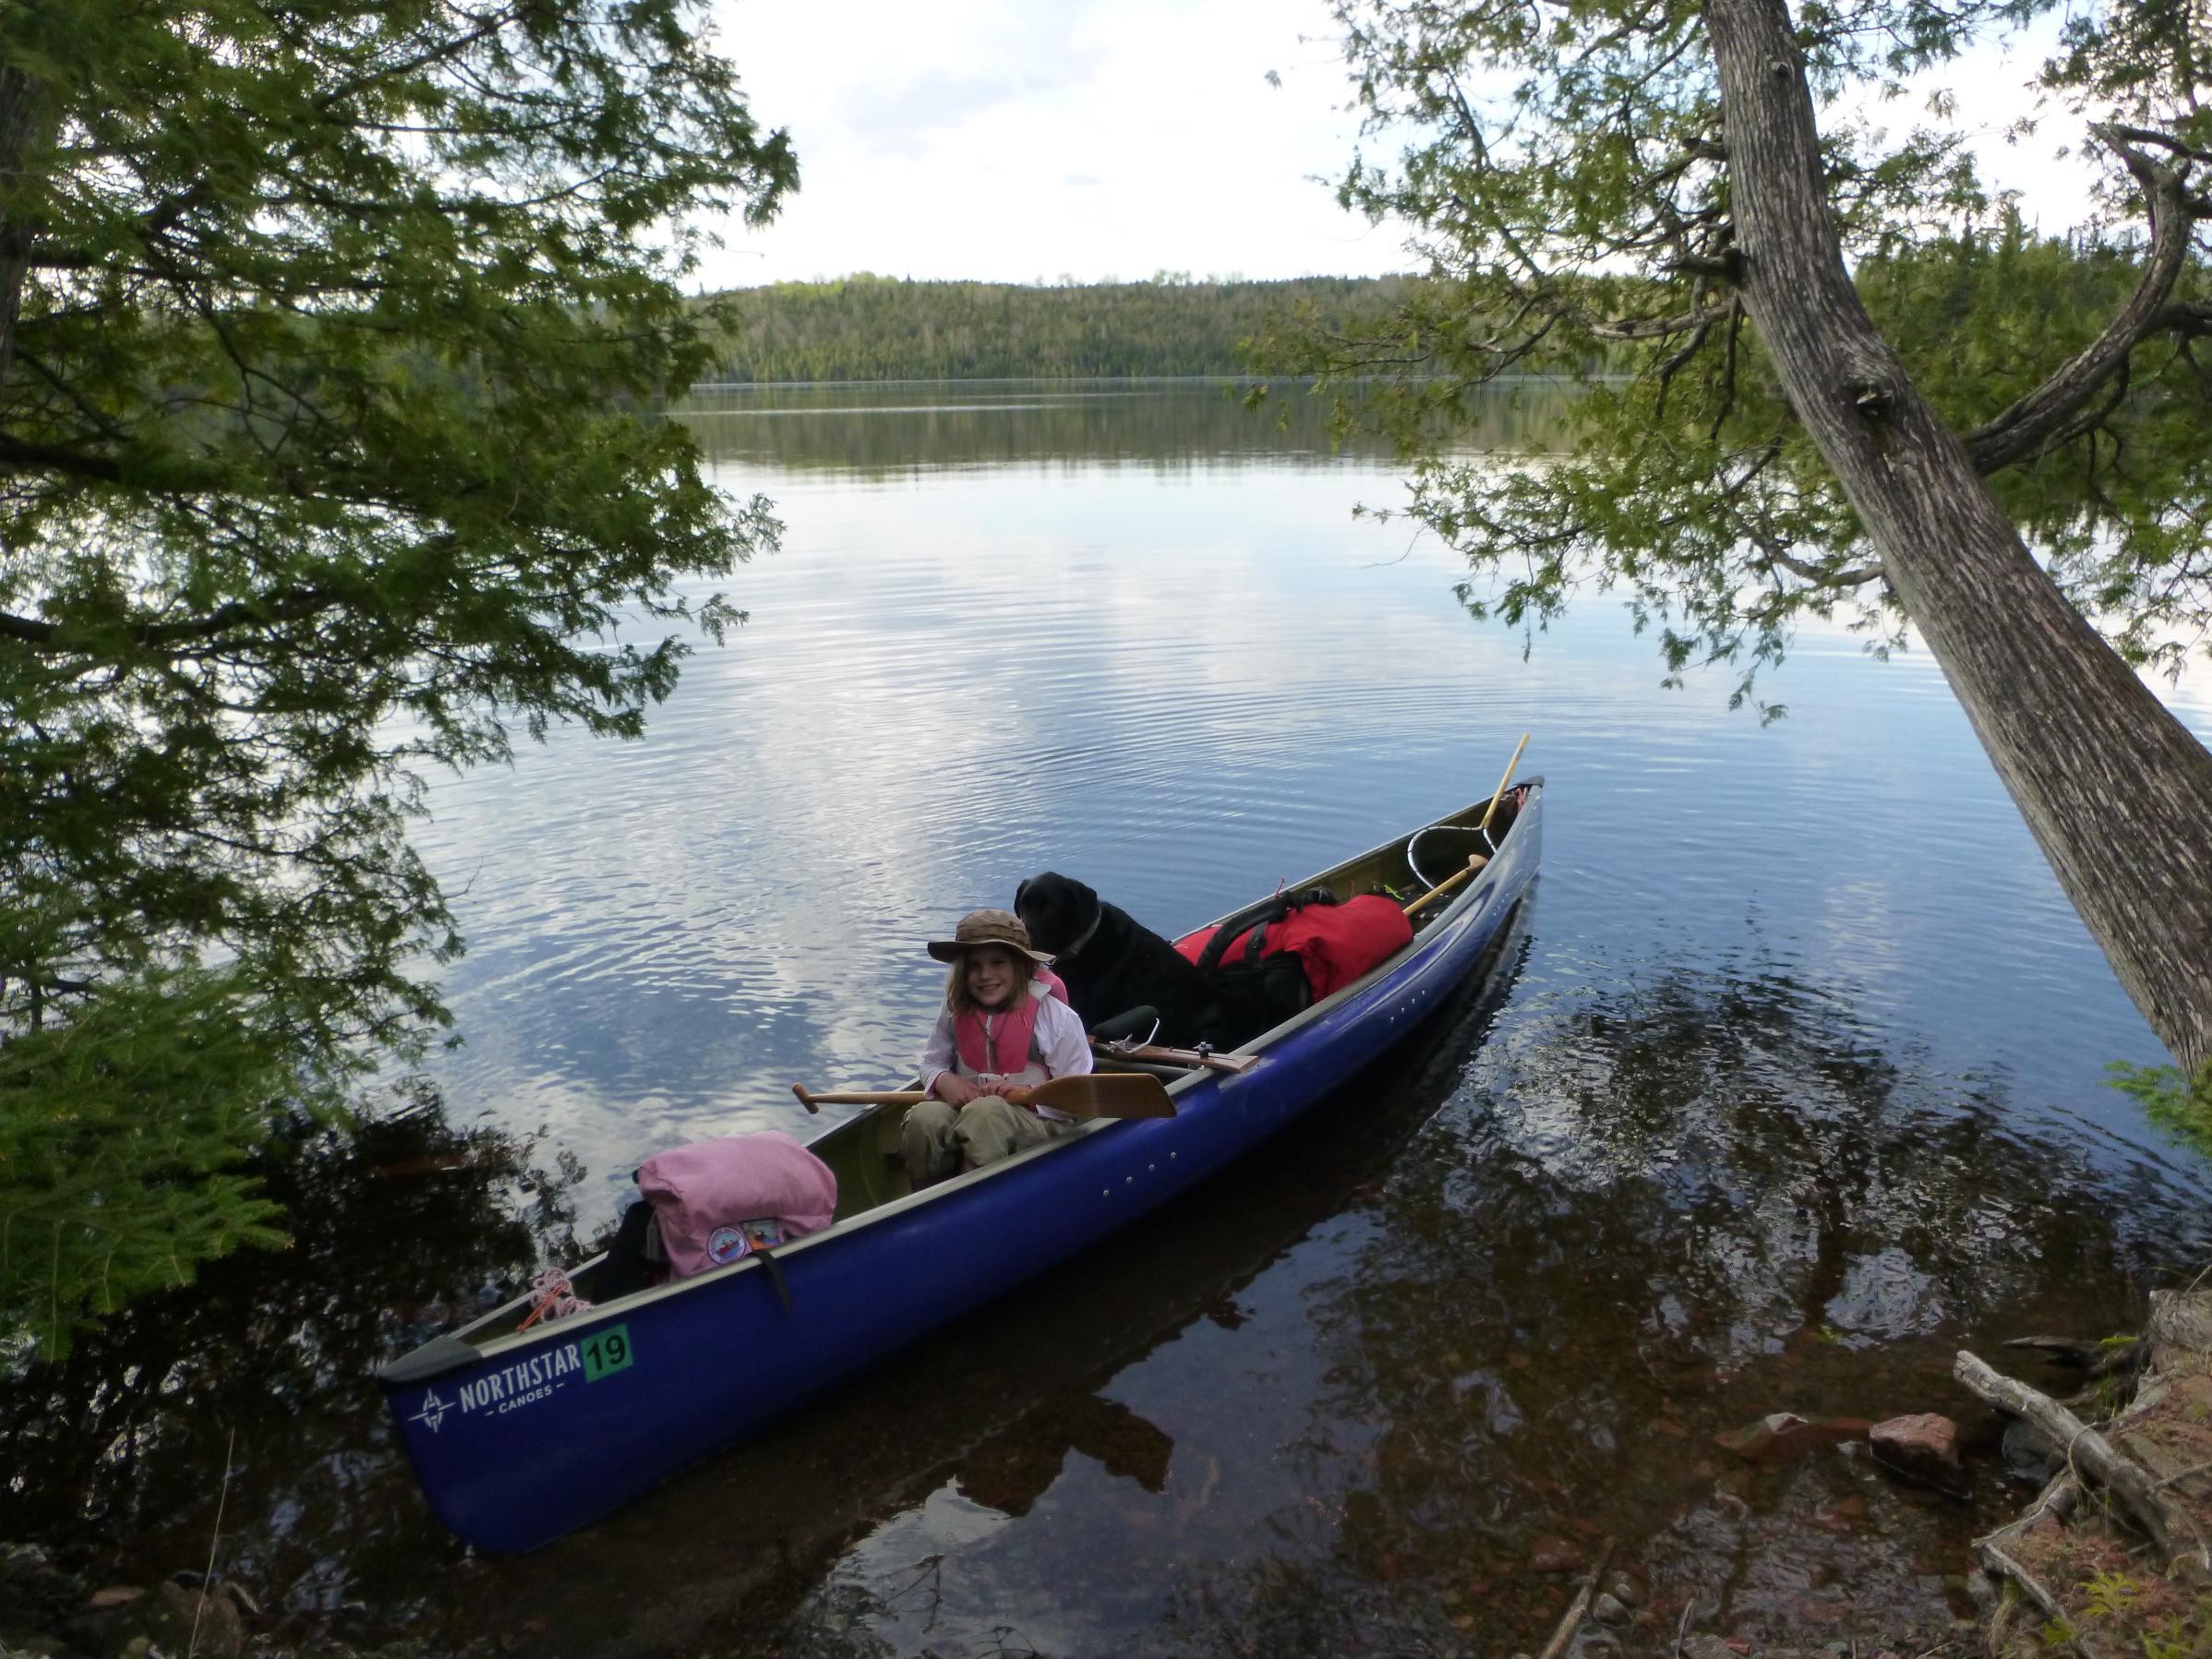 hoefgen canoes